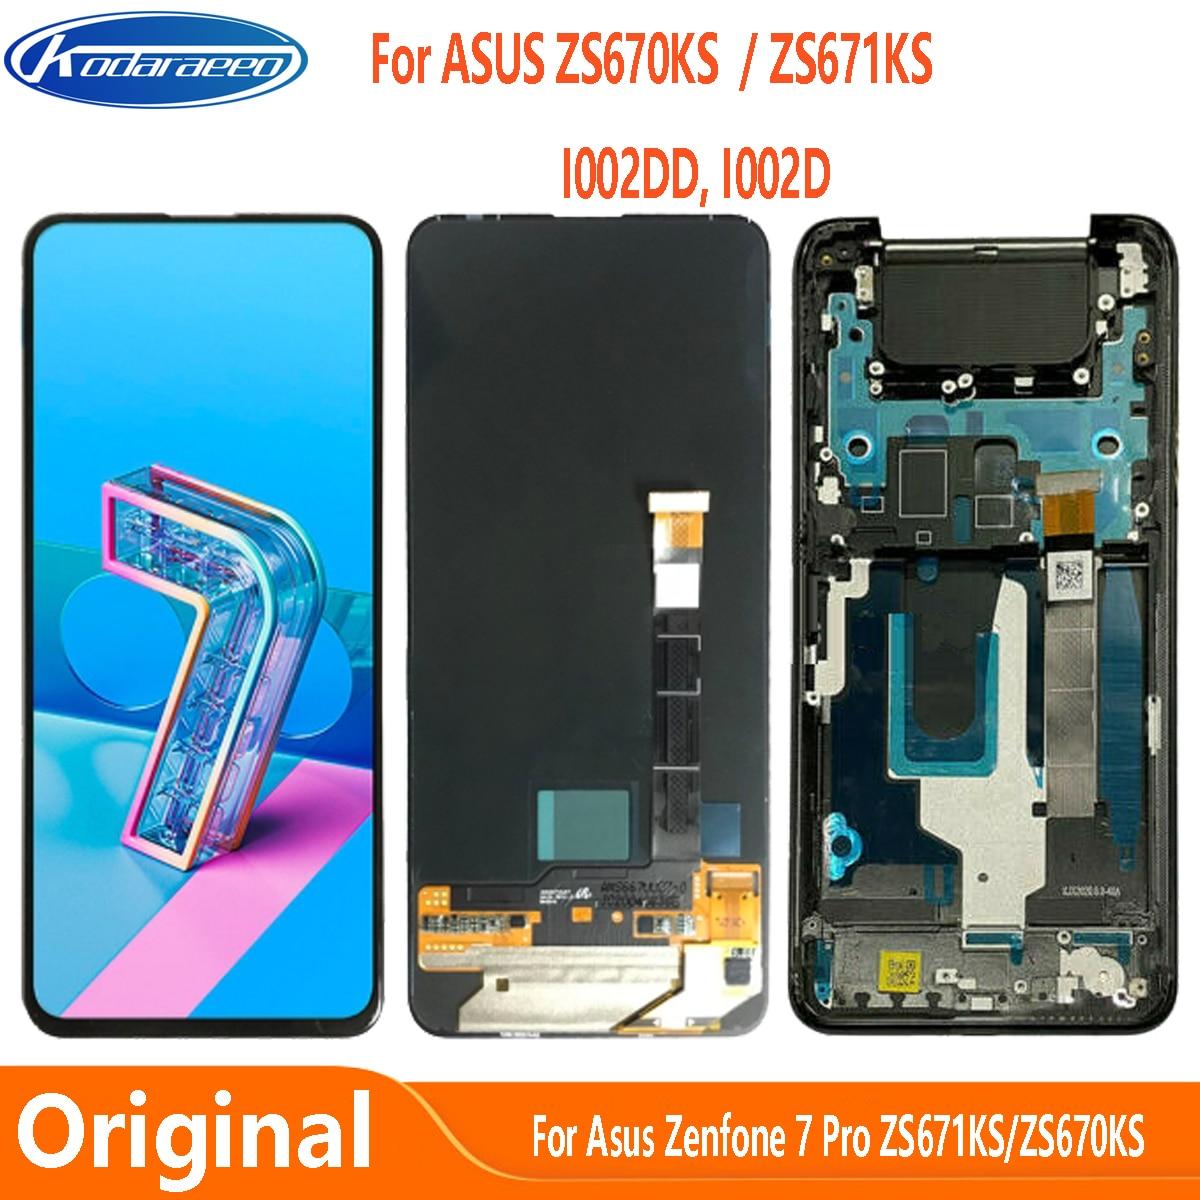 شاشة عرض LCD فائقة AMOLED لـ Asus Zenfone 7 Pro ZS671KS I002DD 90HZ تعمل باللمس مع محول رقمي Zenfone 7 ZS670KS I002D